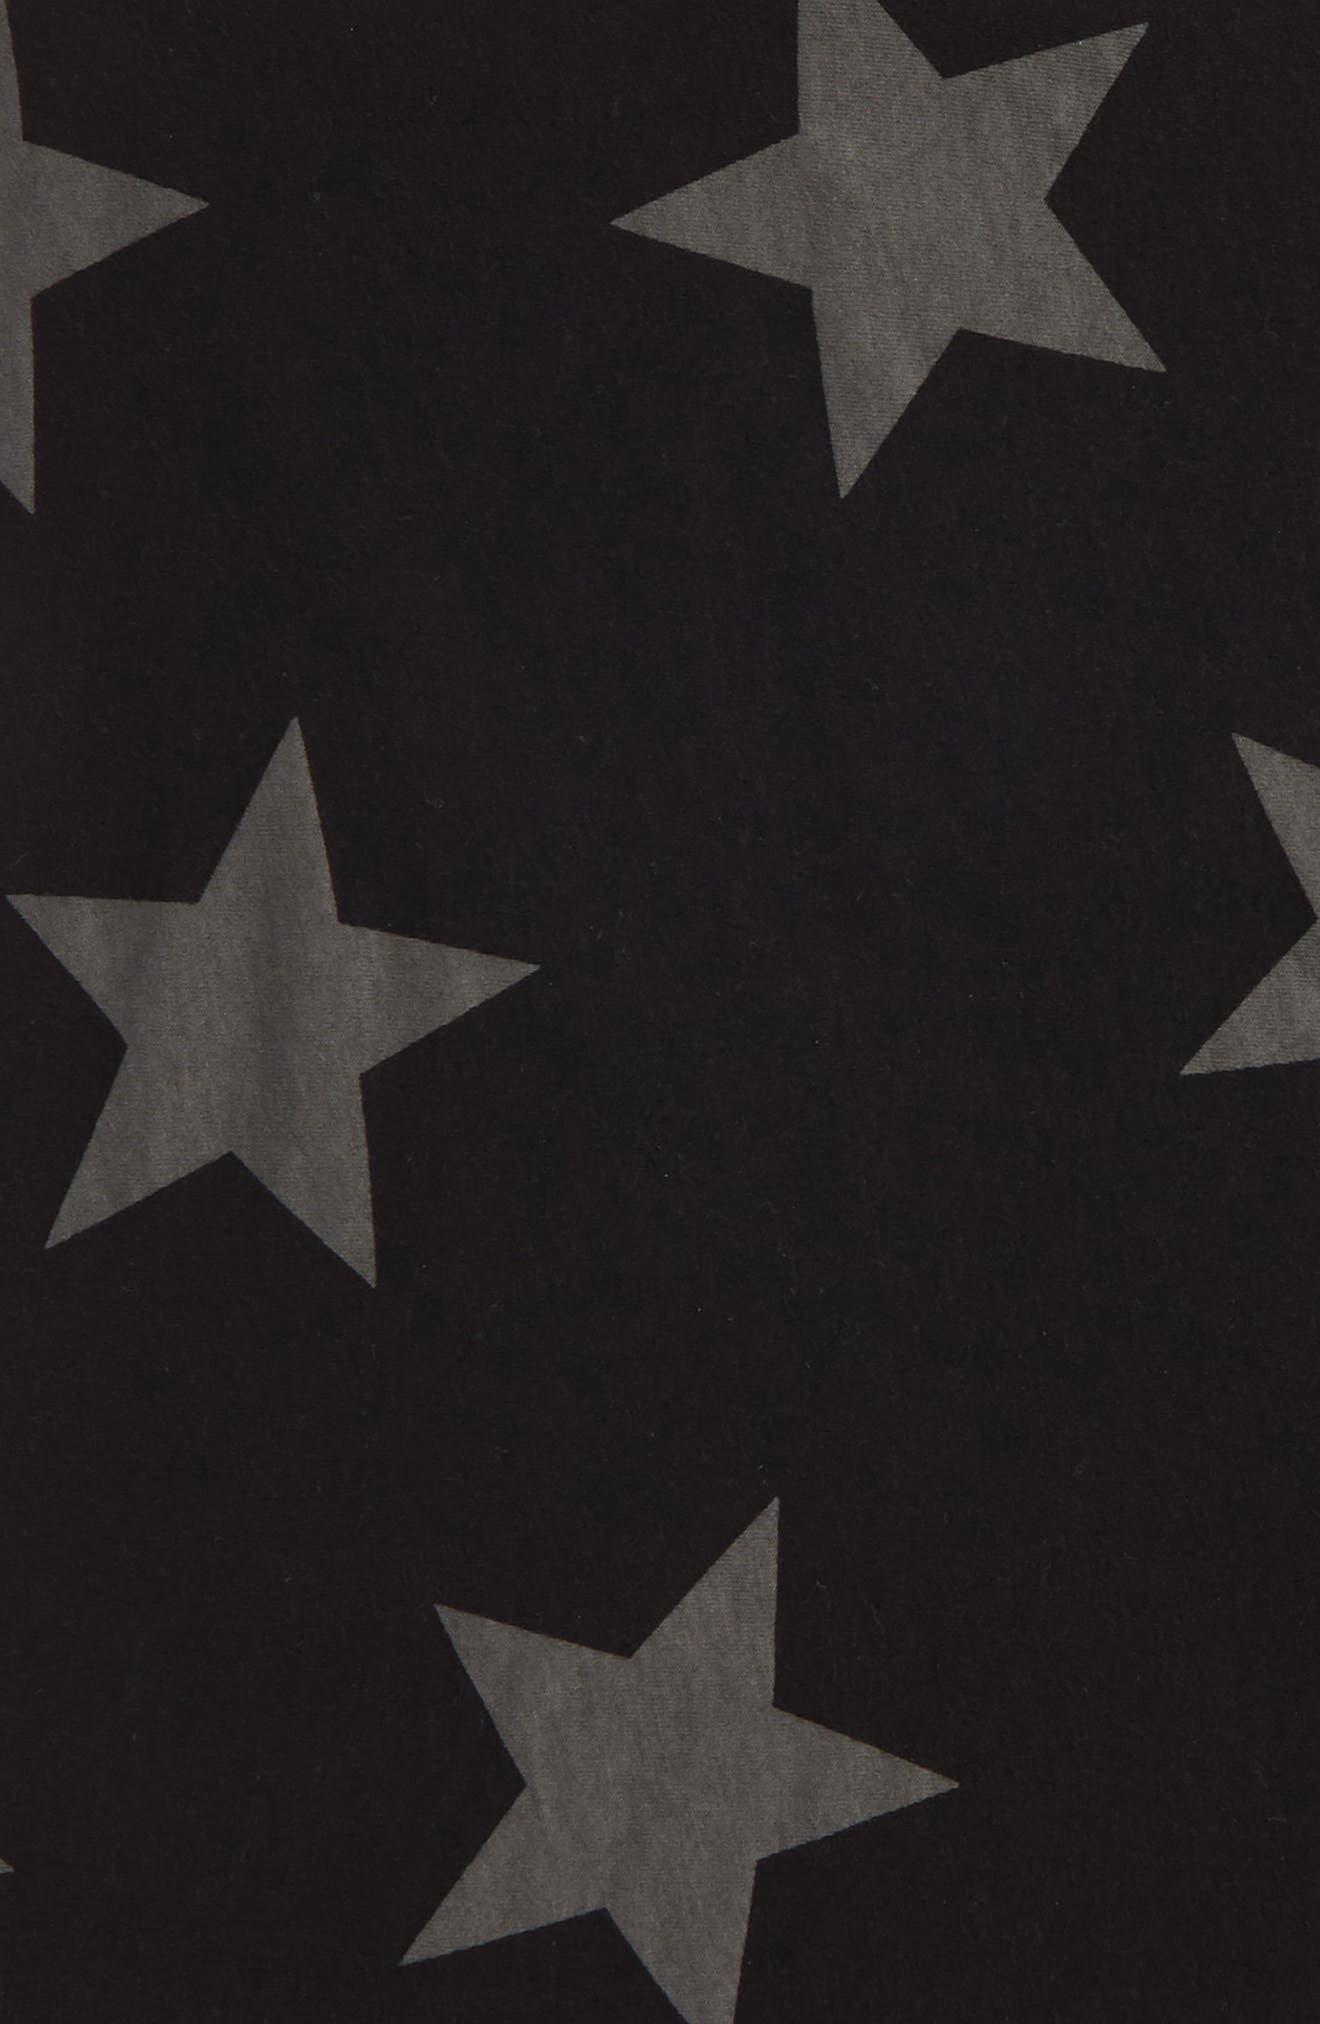 Star Print Blanket,                             Alternate thumbnail 2, color,                             001